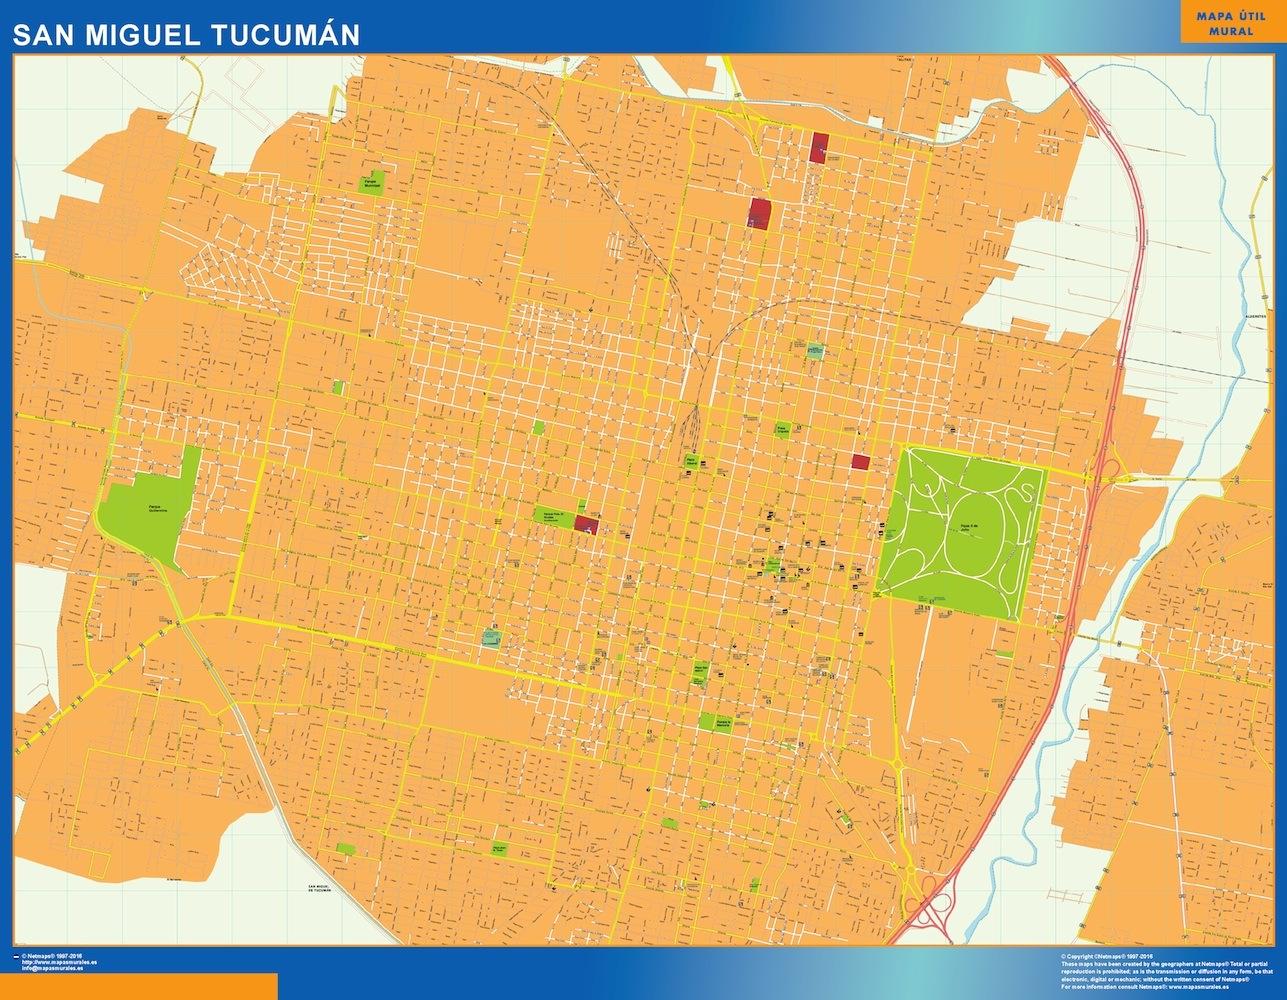 Mapa San Miguel Tucuman en Argentina plastificado gigante